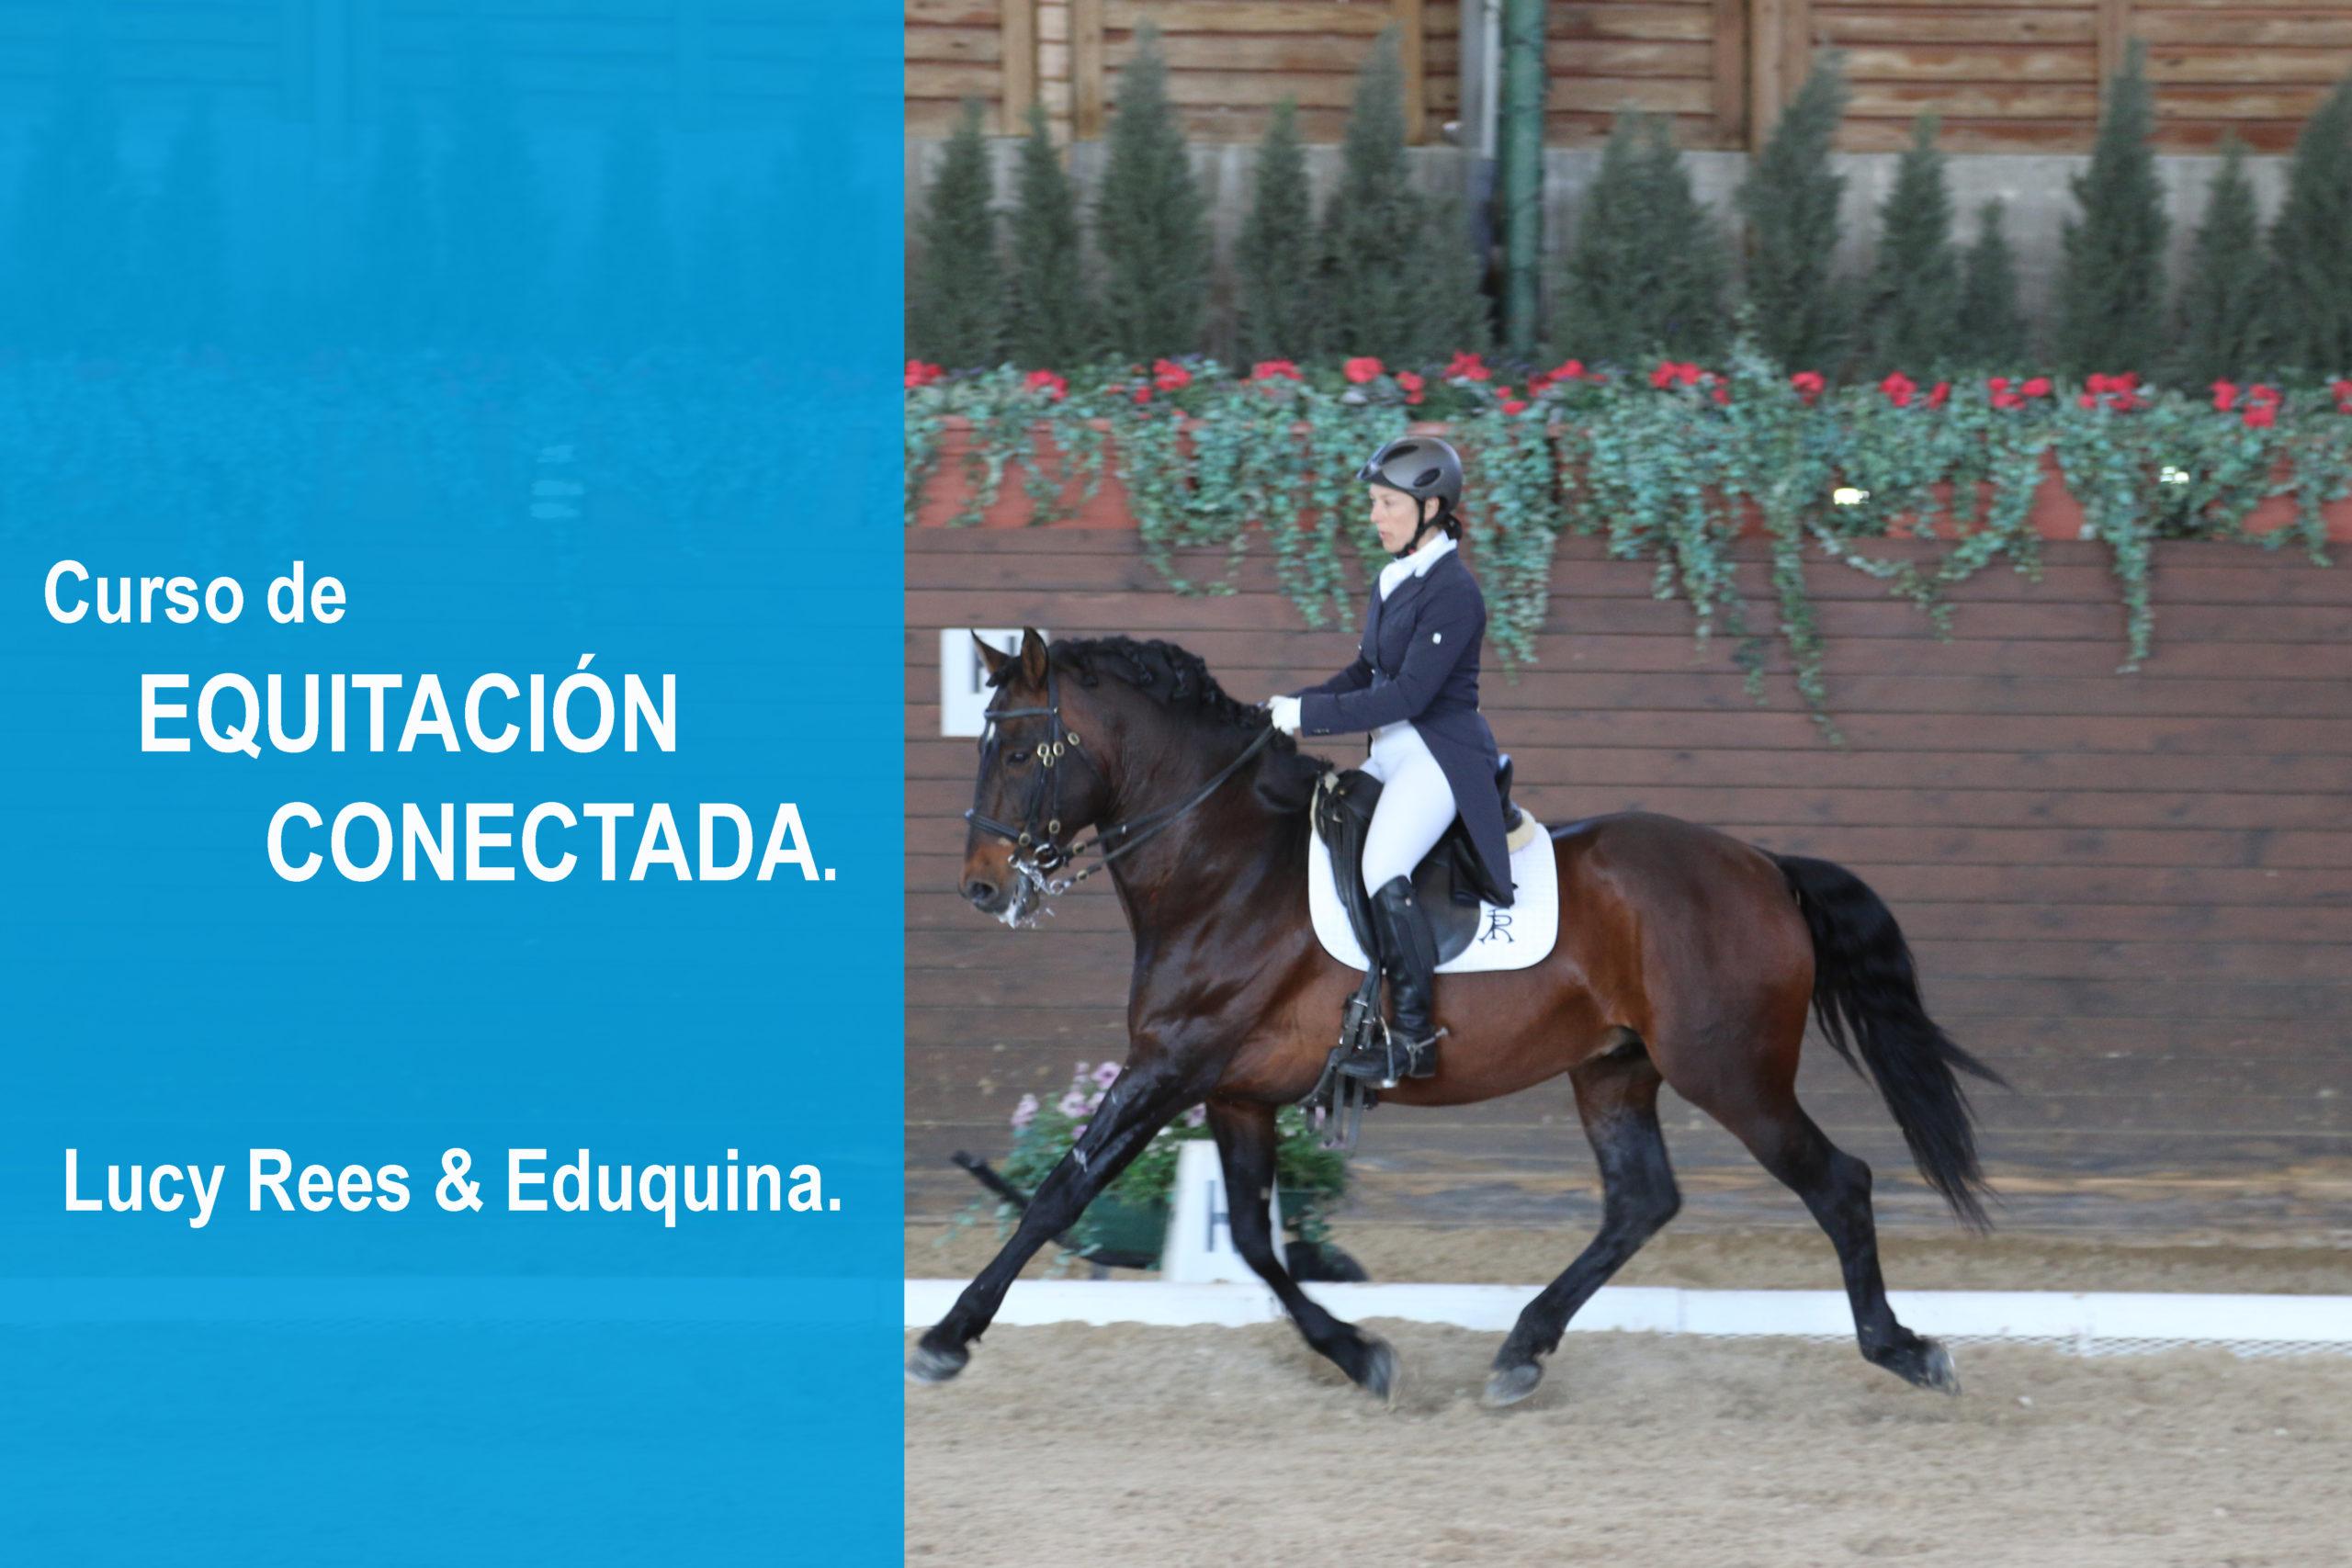 Bloque 3 (11 y 12 de marzo): Equitación conectada